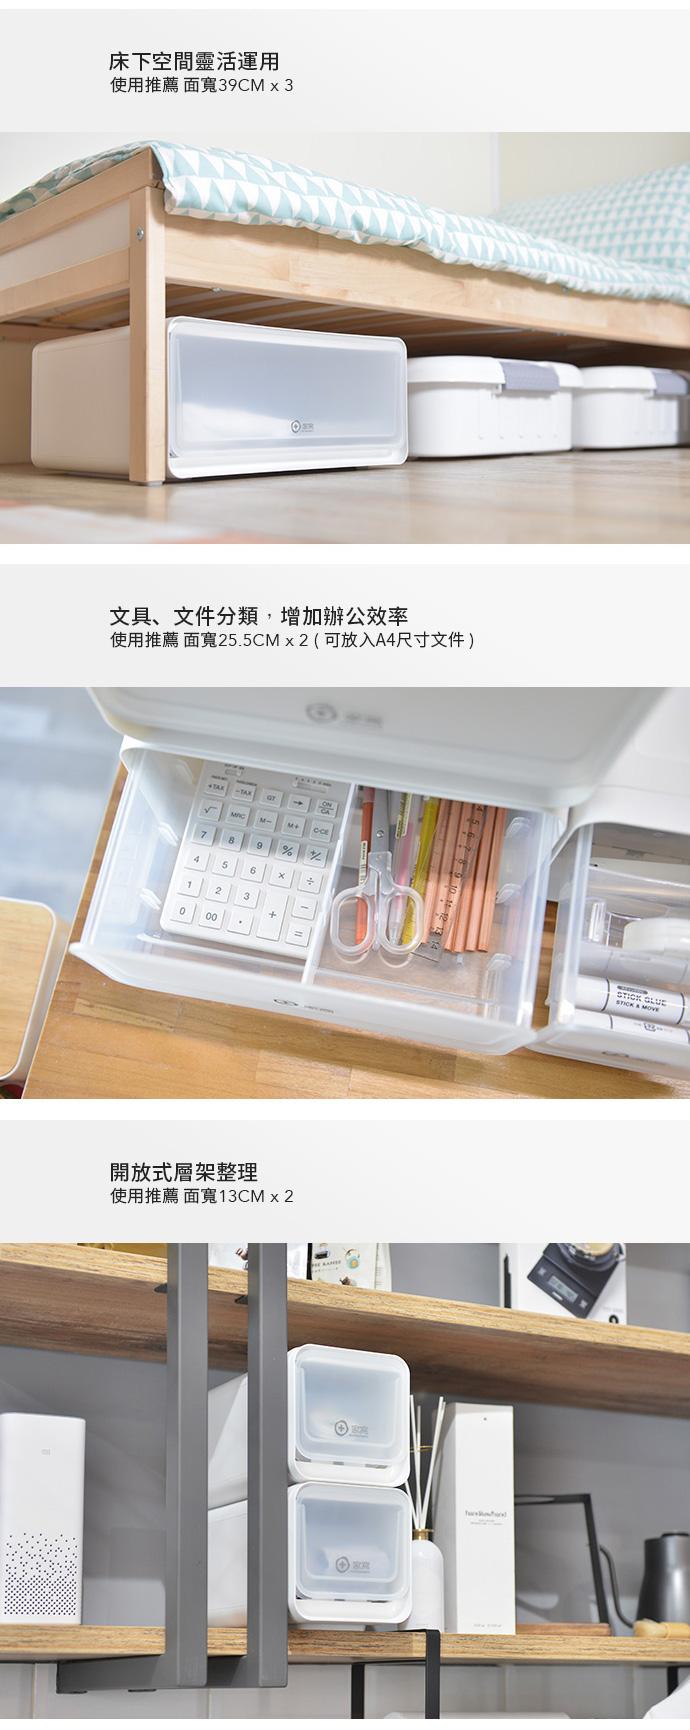 +O家窩|面寬25.5CM舒納層疊透窗可調式分隔抽屜箱-24格-3入